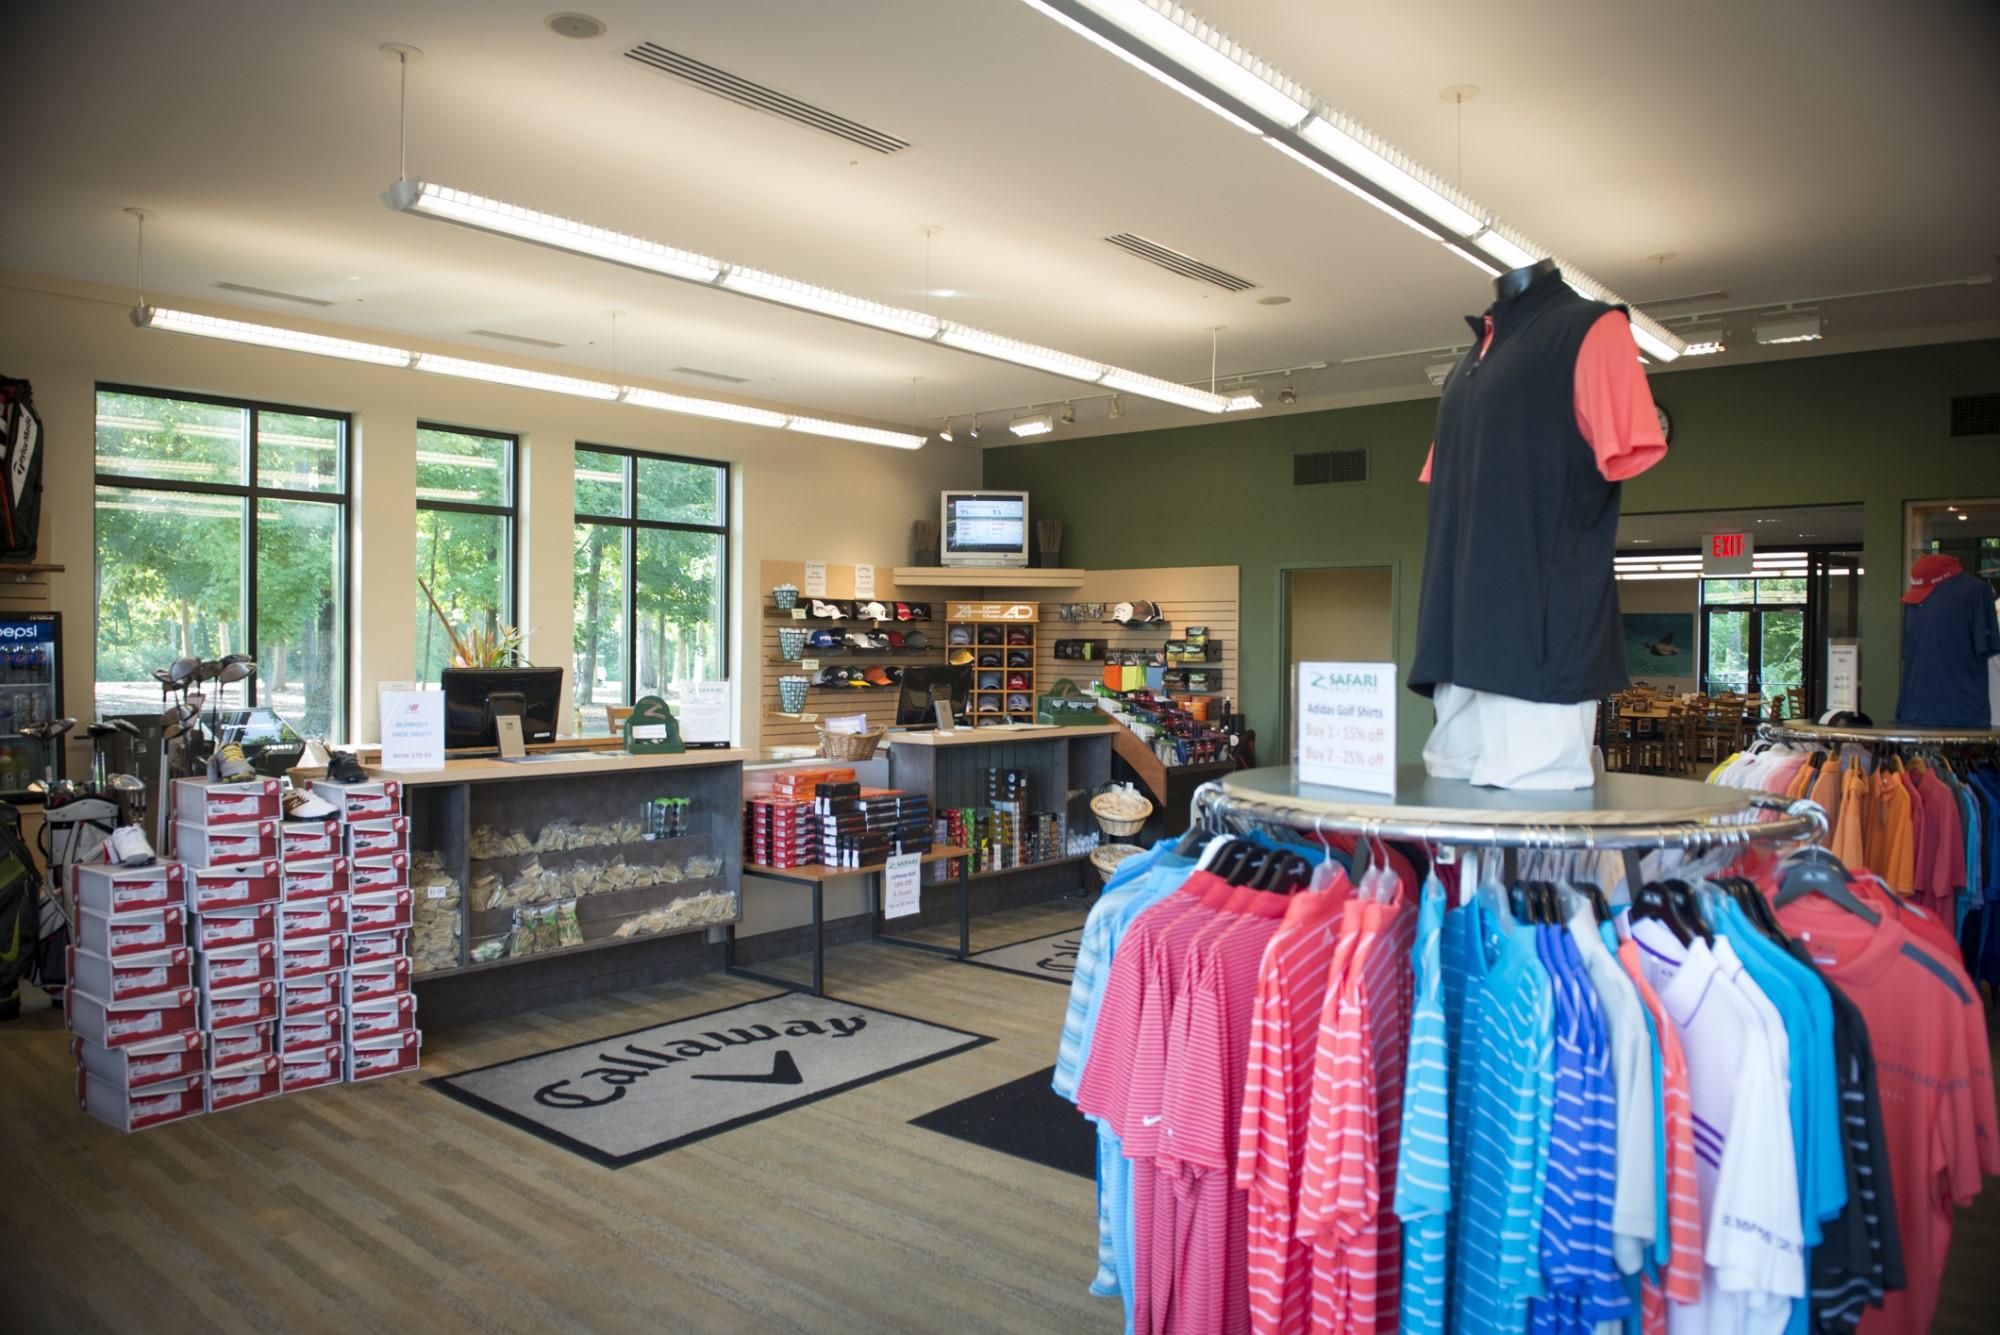 Safari Golf Shop 0661 - Grahm S. Jones, Columbus Zoo and Aquarium